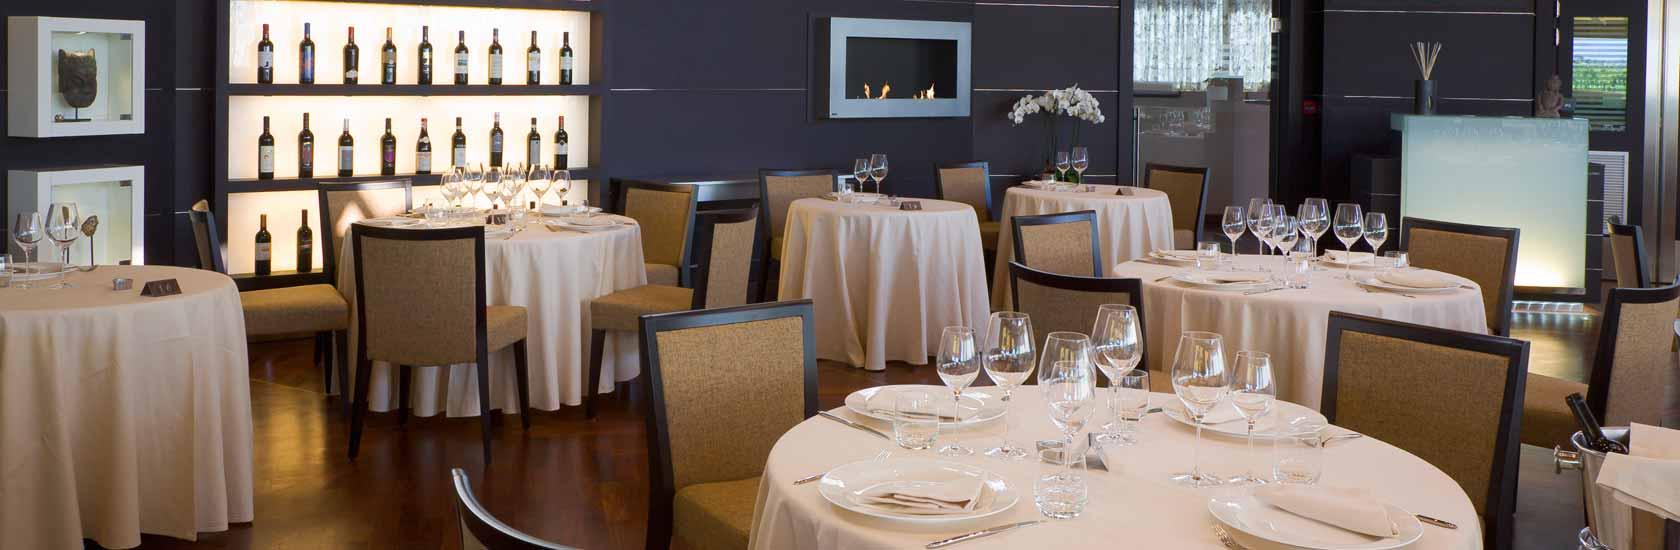 ristorante-jesi_001